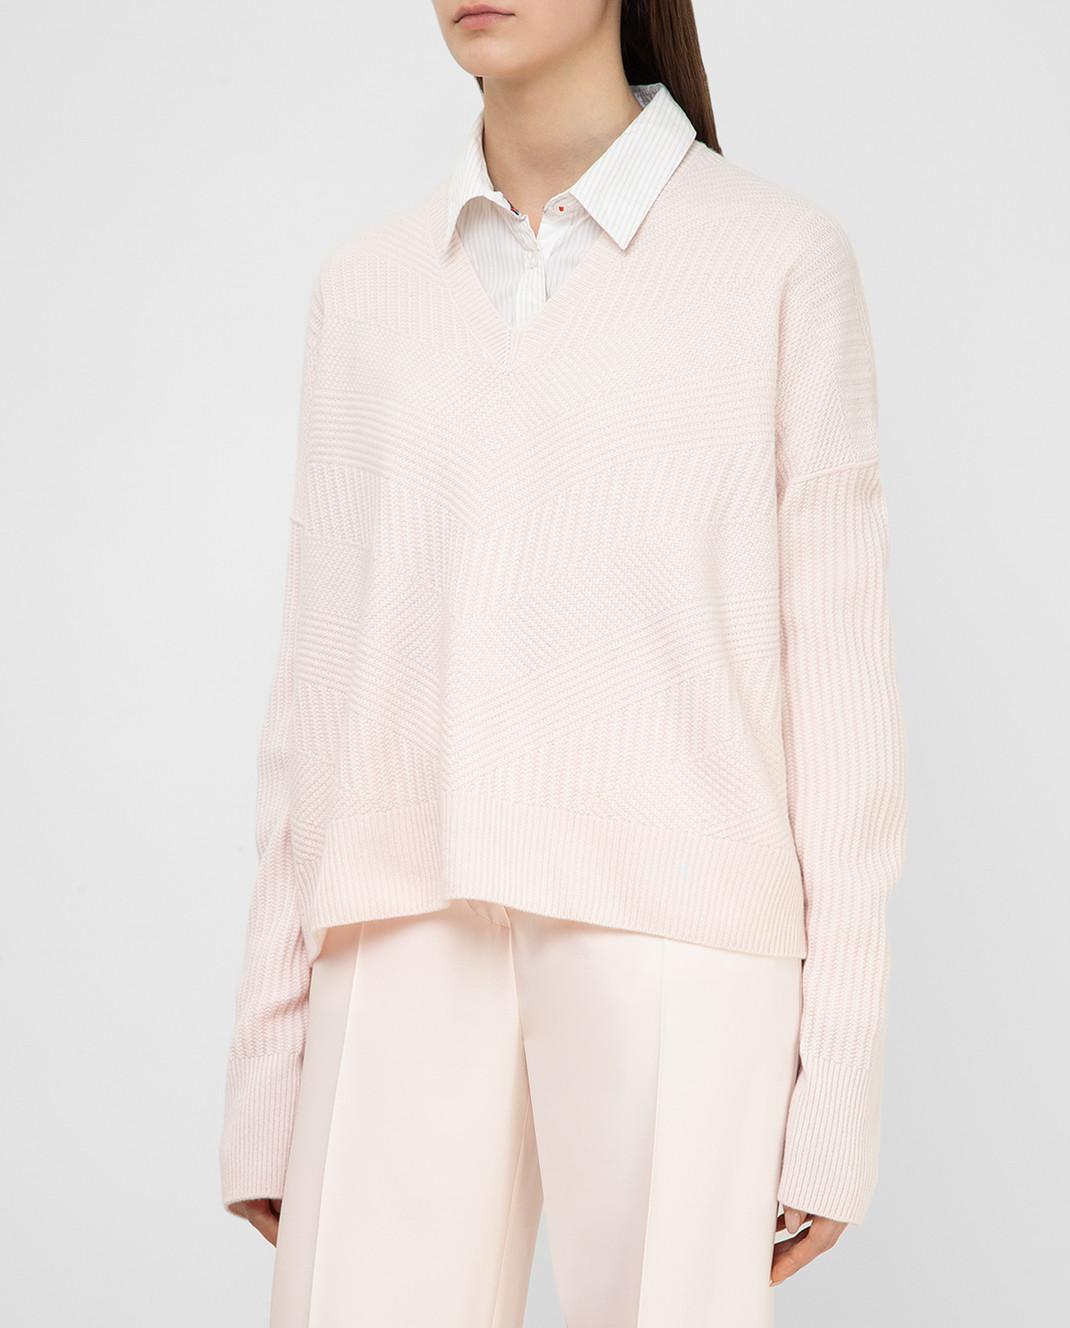 Loro Piana Розовый пуловер из кашемира F2FAI6038 изображение 3